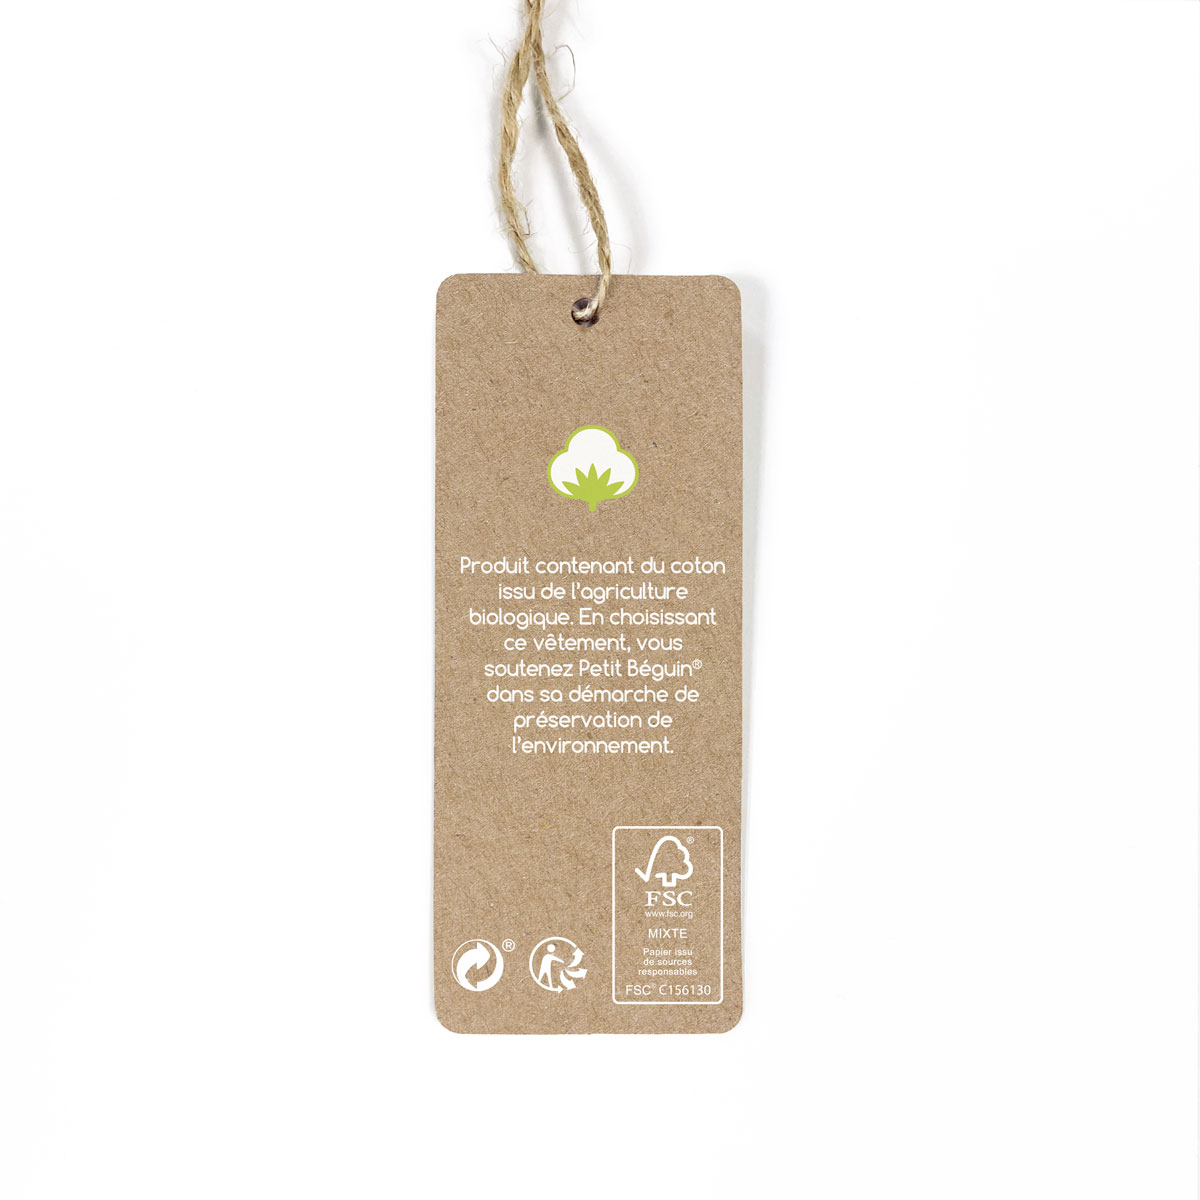 Turbulette d'hiver à pieds contenant du coton bio Shuiro étiquette